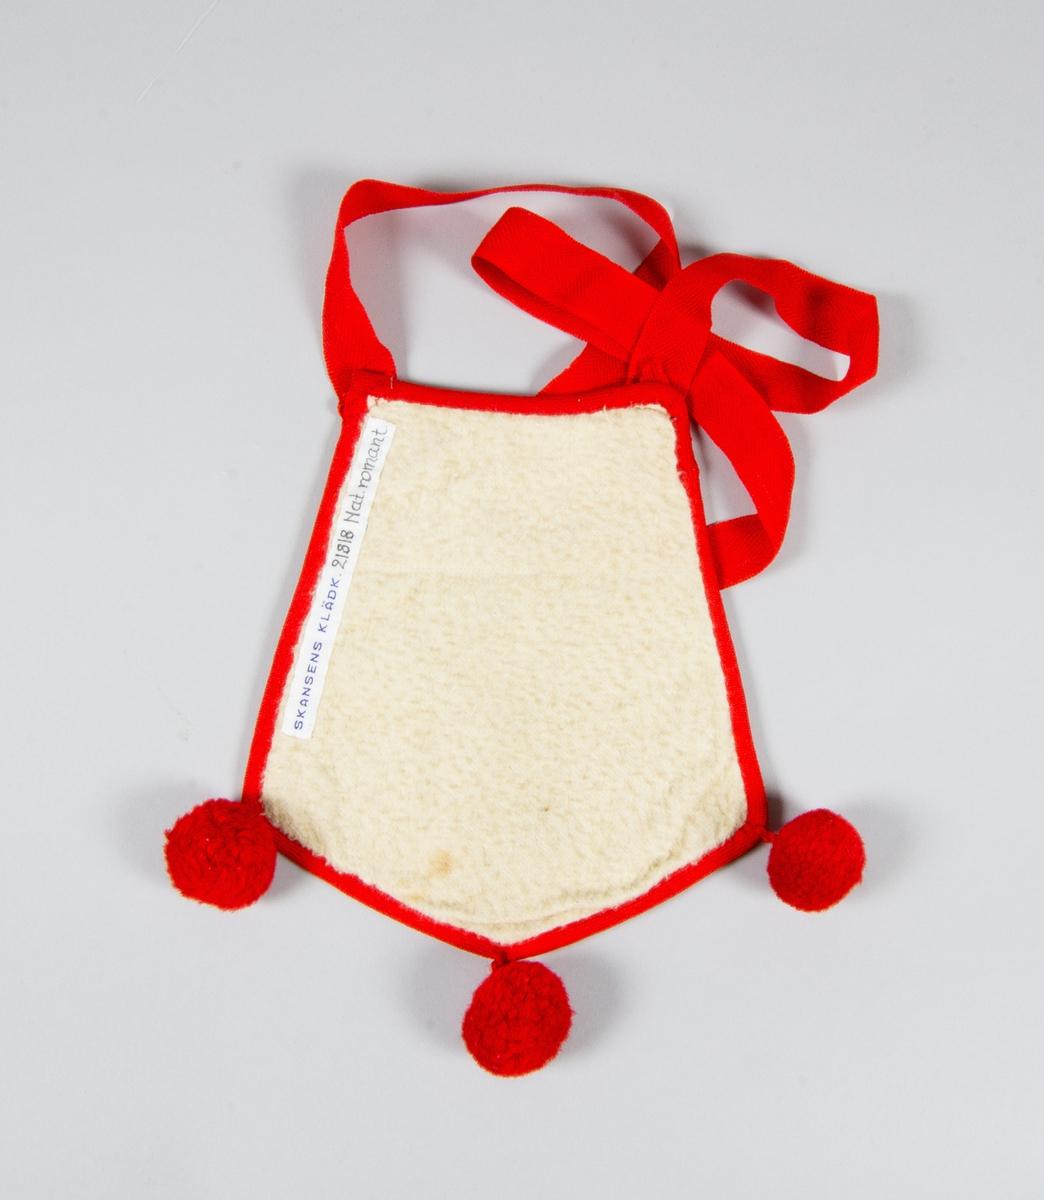 Kjolsäck, inspirerad av kjolsäckarna från Dalarna. Modell med avskuret framstycke. Tillverkad av vitt fårskinn med applikationer av ylletyg, kläde, i rött, grönt och mörkblått, fastsydda med langettsöm, gul bomullstråd. Centralt placerad hjärtblomma med rundlar och andra figurer omkring. Broderi utfört med gult och rött bomullsgarn, flätsöm och sticksöm. Kantat runtom med rött kypertvävt ylleband. Bakstycke av vit bomullsflanell. I nedre fållen tre tofsar av rött ullgarn. Axelband av spetskypertvävt rött ylleband, med tofsar av bandet vid fästena.